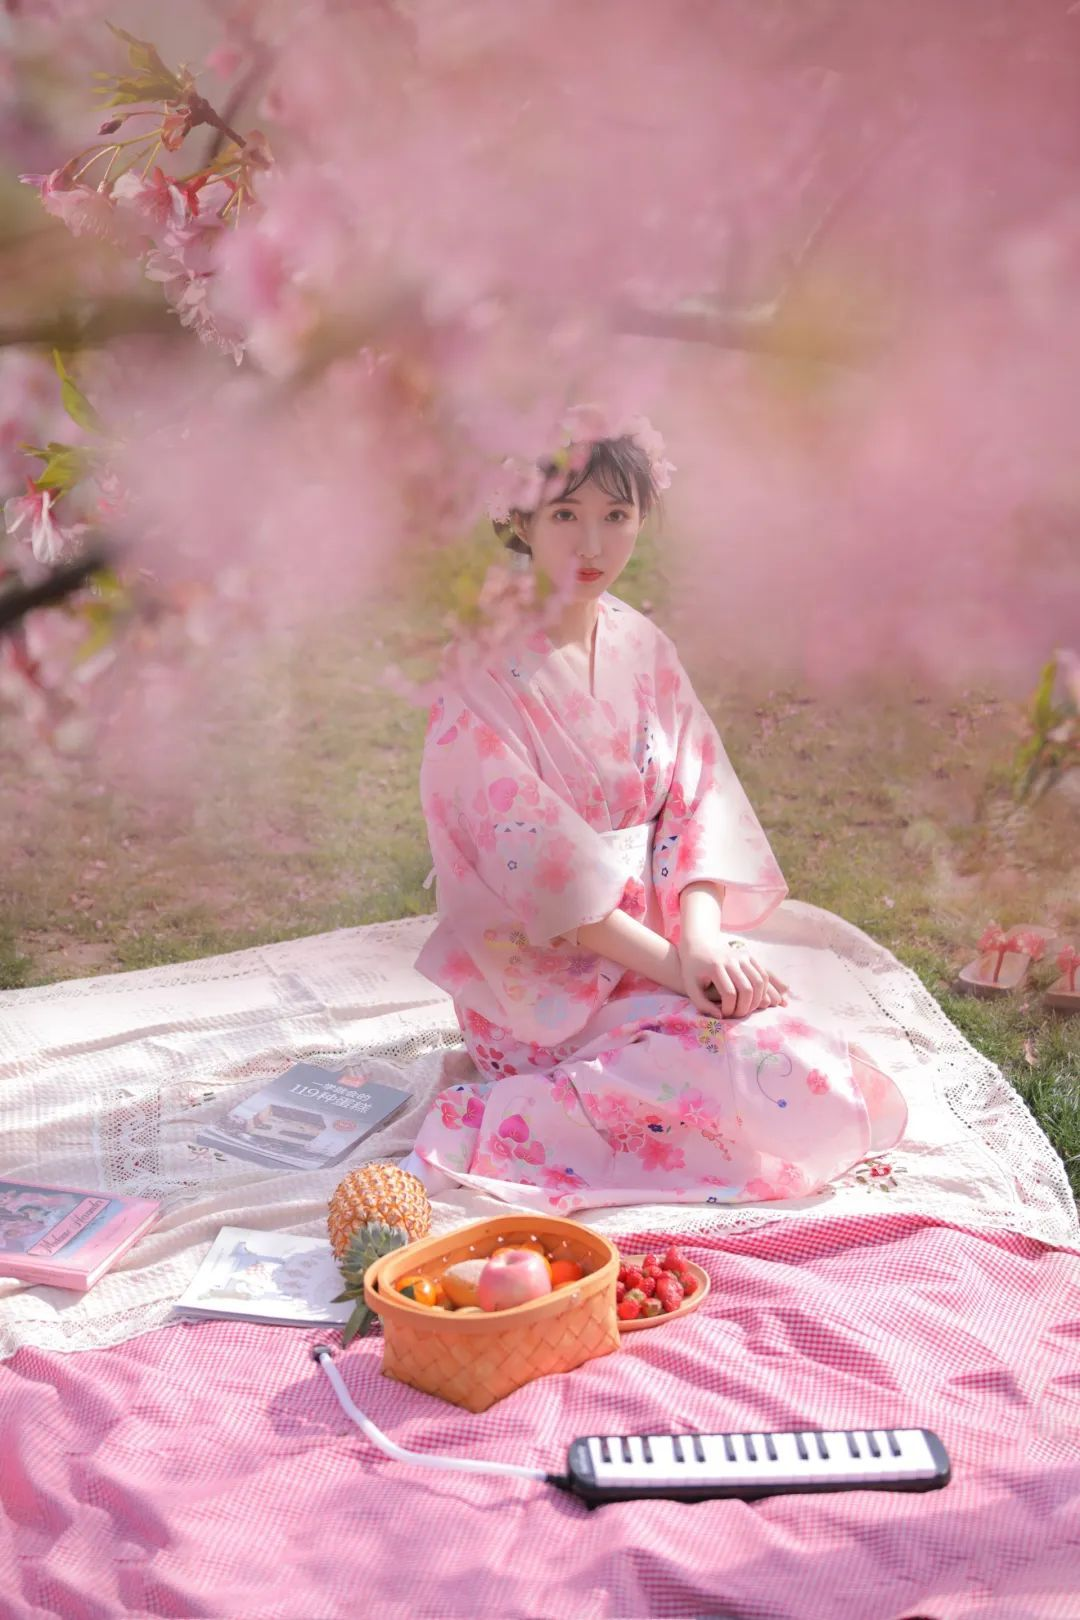 妹子摄影 – 粉粉的日系少女樱花树下写真_图片 No.16